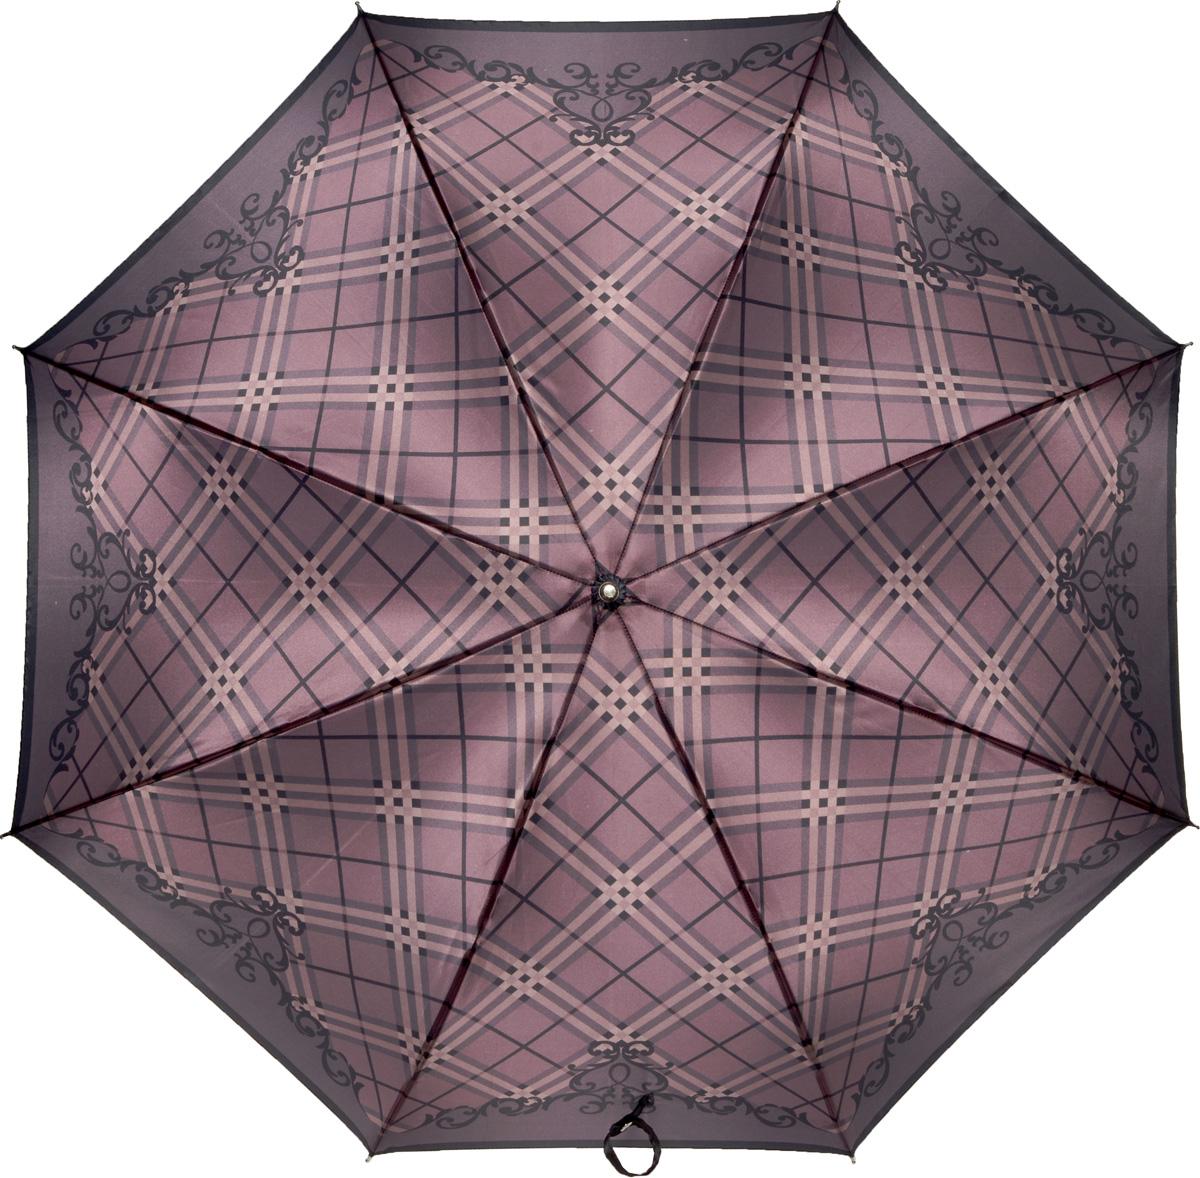 Зонт-трость женский Fabretti, механика, цвет: фиолетовый. 160245100948B/32793/5900NЖенский зонт-трость от итальянского бренда Fabretti. Конструкция модели - механика. Эксклюзивный дизайнерский принт зонта сделает вас неотразимыми в любую непогоду! Материал купола - полиэстер. Он невероятно изящен, приятен на ощупь, обладает высокой прочностью, а также устойчив к выцветанию. Эргономичная ручка сделана из высококачественного пластика!